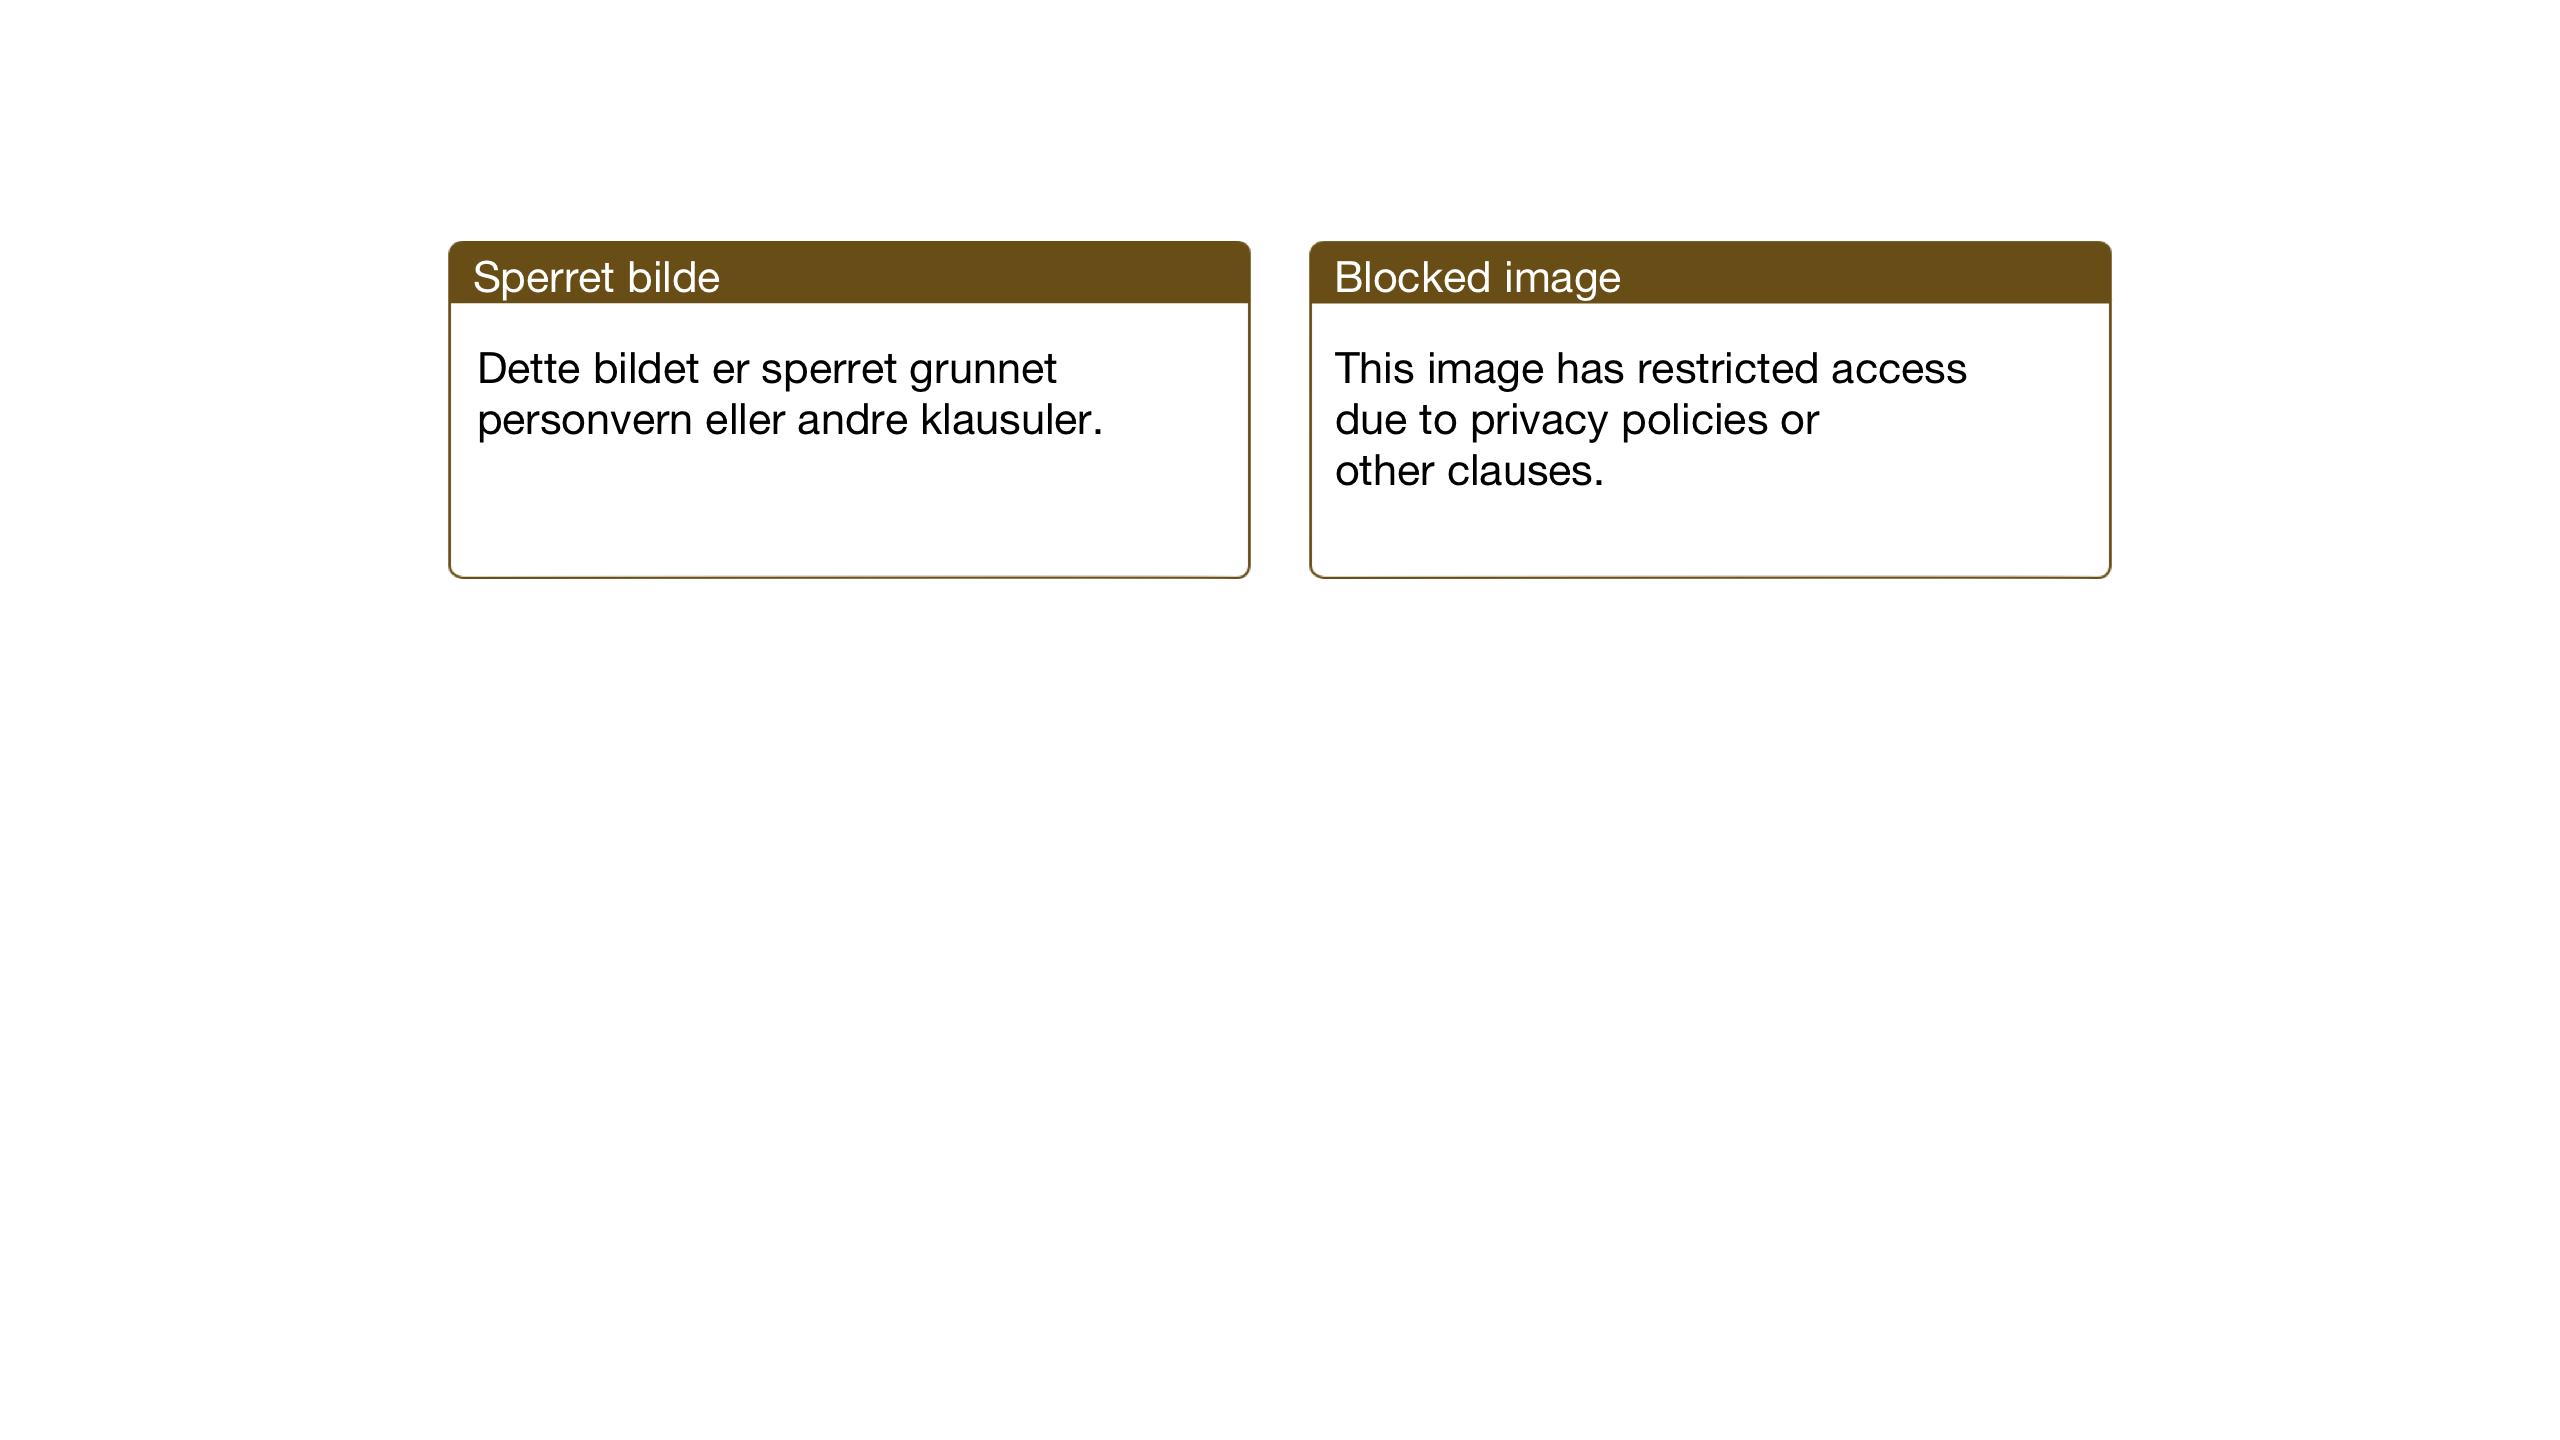 SAT, Ministerialprotokoller, klokkerbøker og fødselsregistre - Sør-Trøndelag, 690/L1053: Klokkerbok nr. 690C03, 1930-1947, s. 7